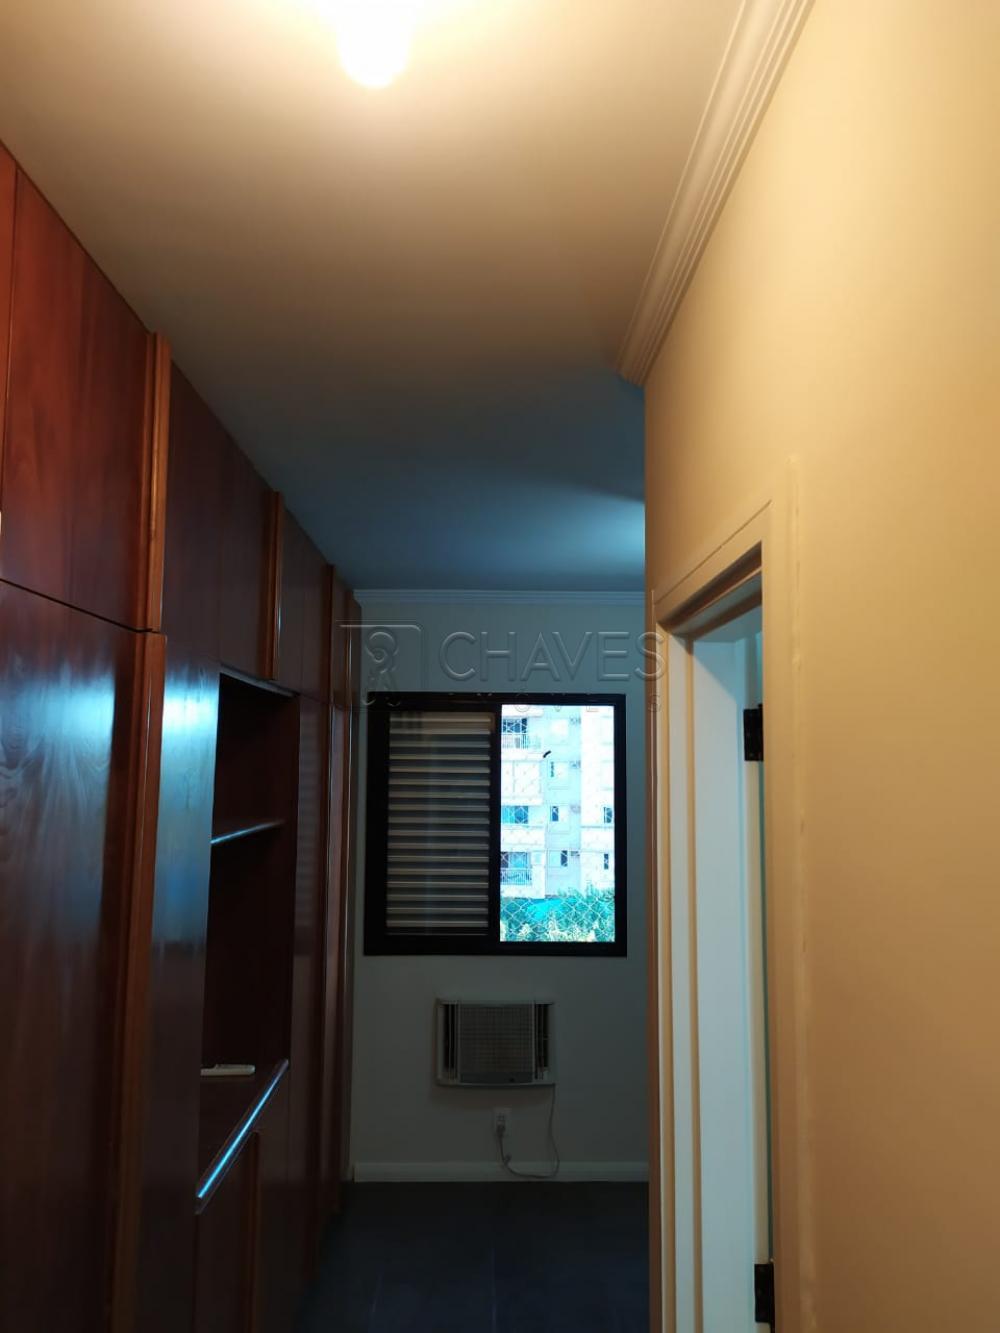 Alugar Apartamento / Padrão em Ribeirão Preto R$ 1.100,00 - Foto 11